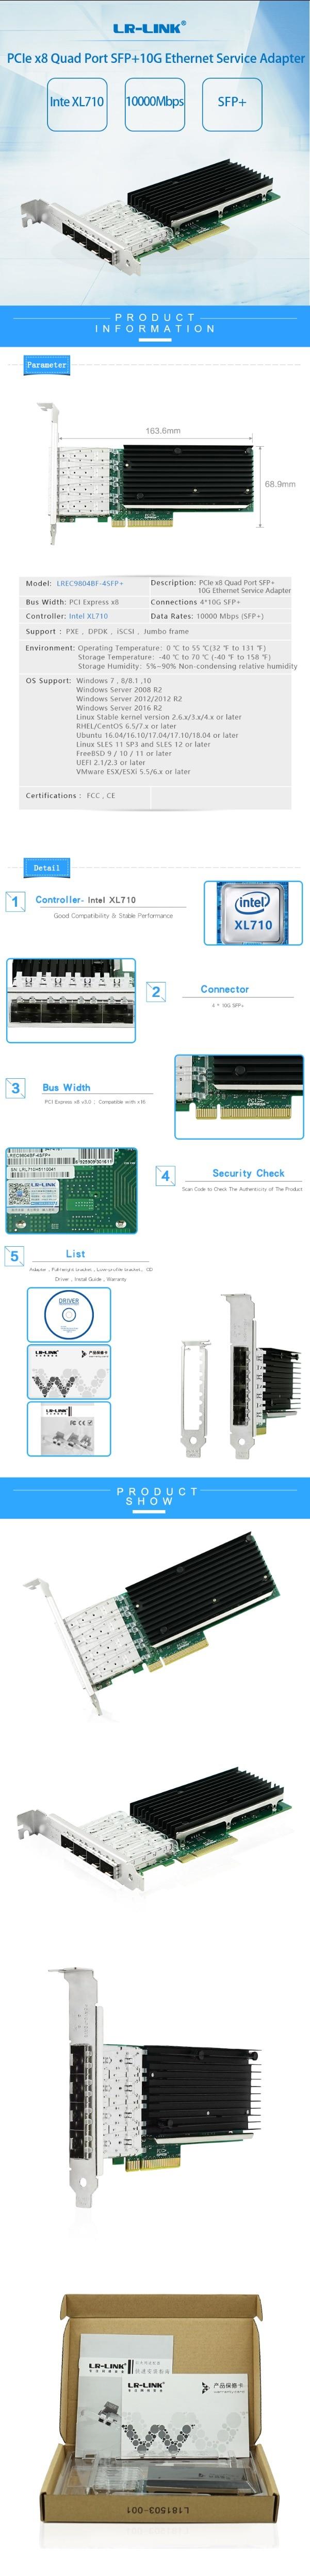 LREC9804BF-4SFP+-详情页_EN